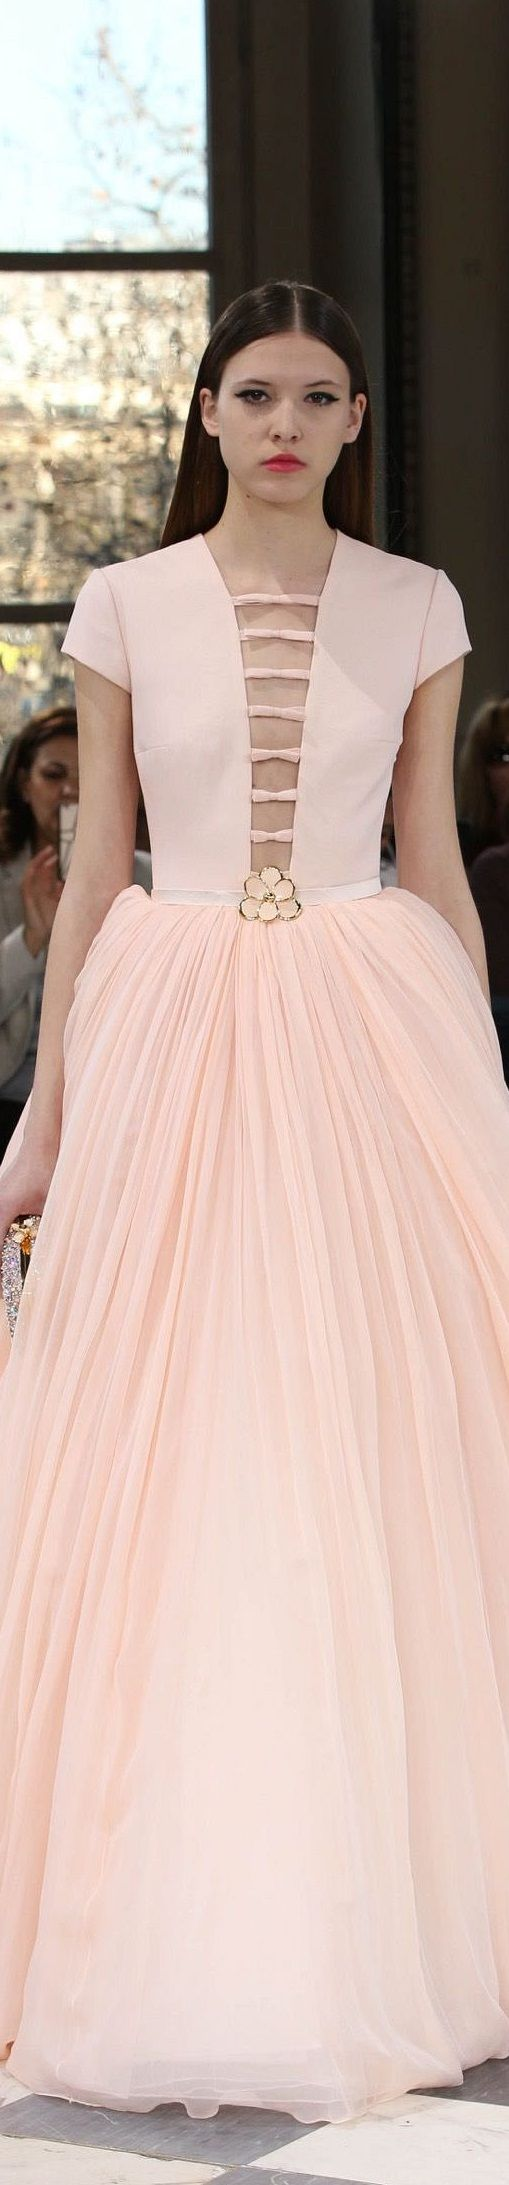 426 mejores imágenes de katniss en D pink en Pinterest | Vestidos ...